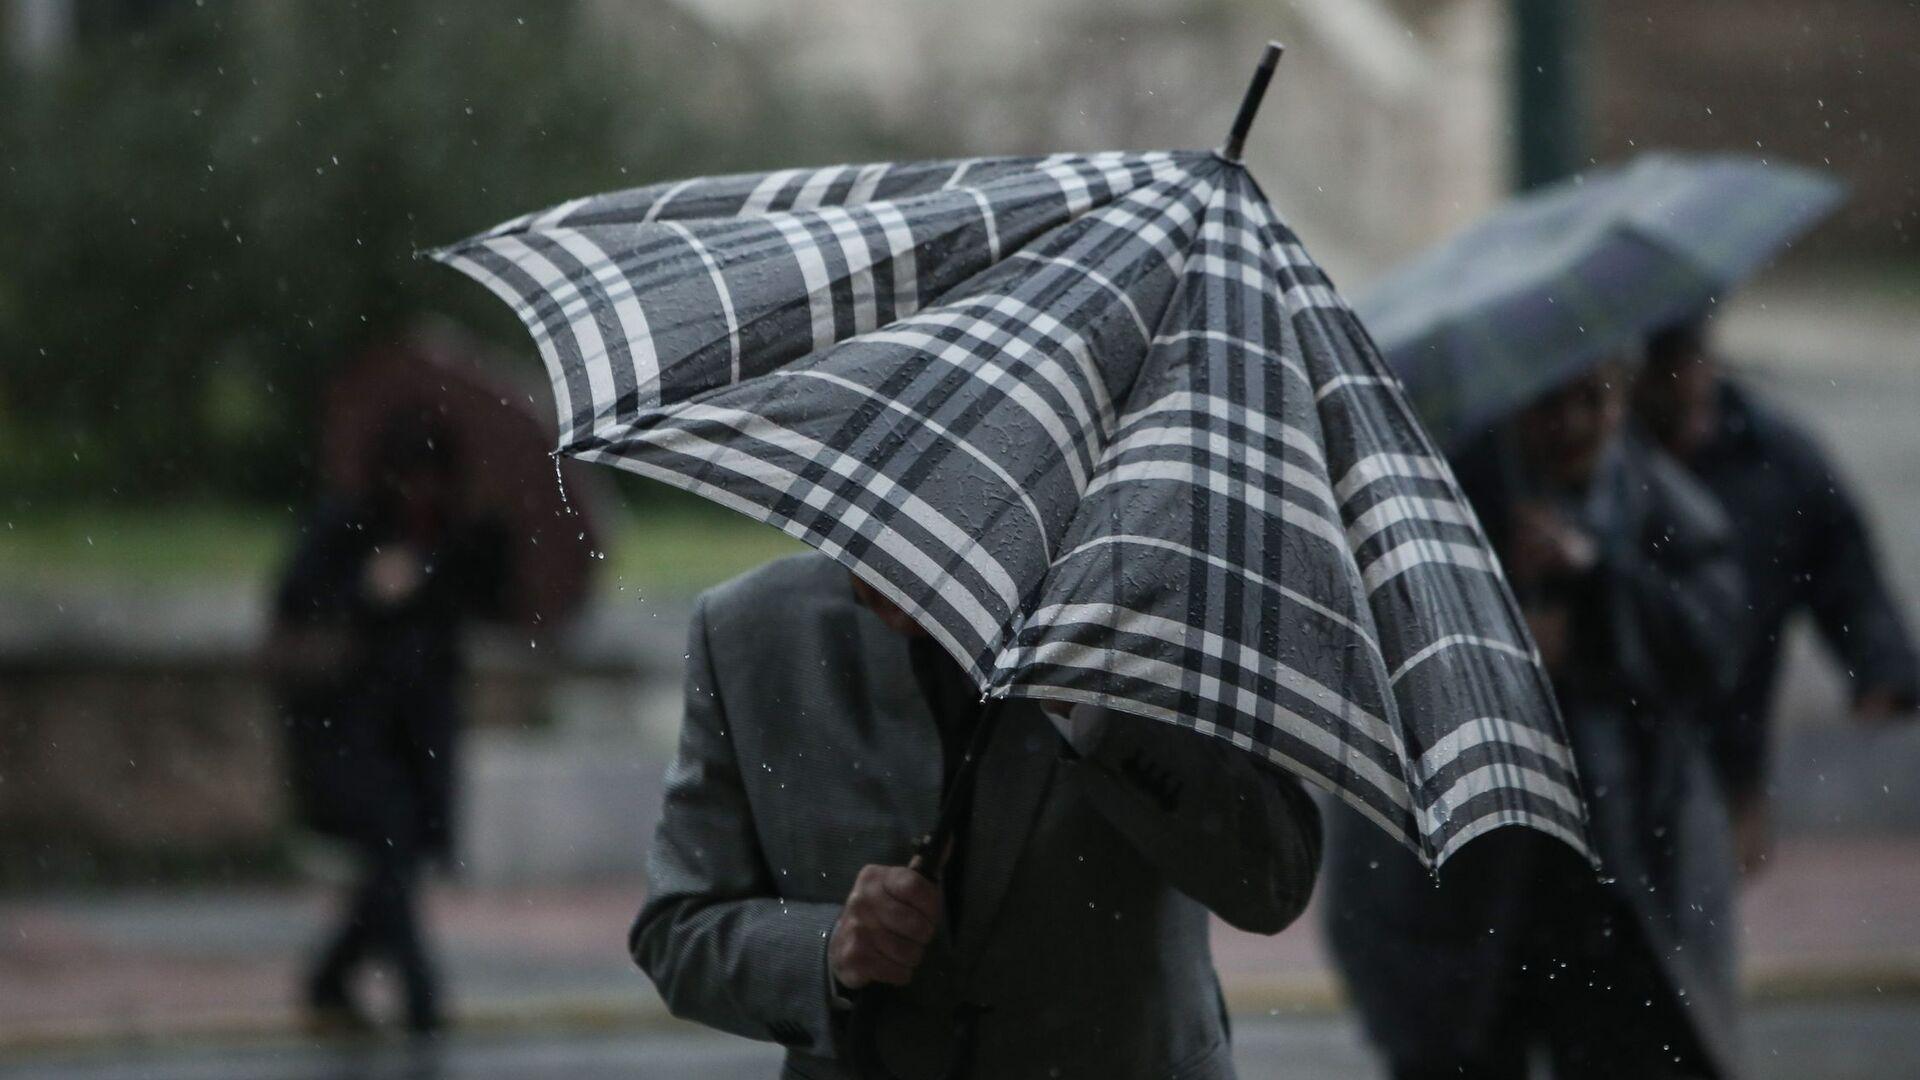 Βροχόπτωση στην Αθήνα. - Sputnik Ελλάδα, 1920, 06.10.2021